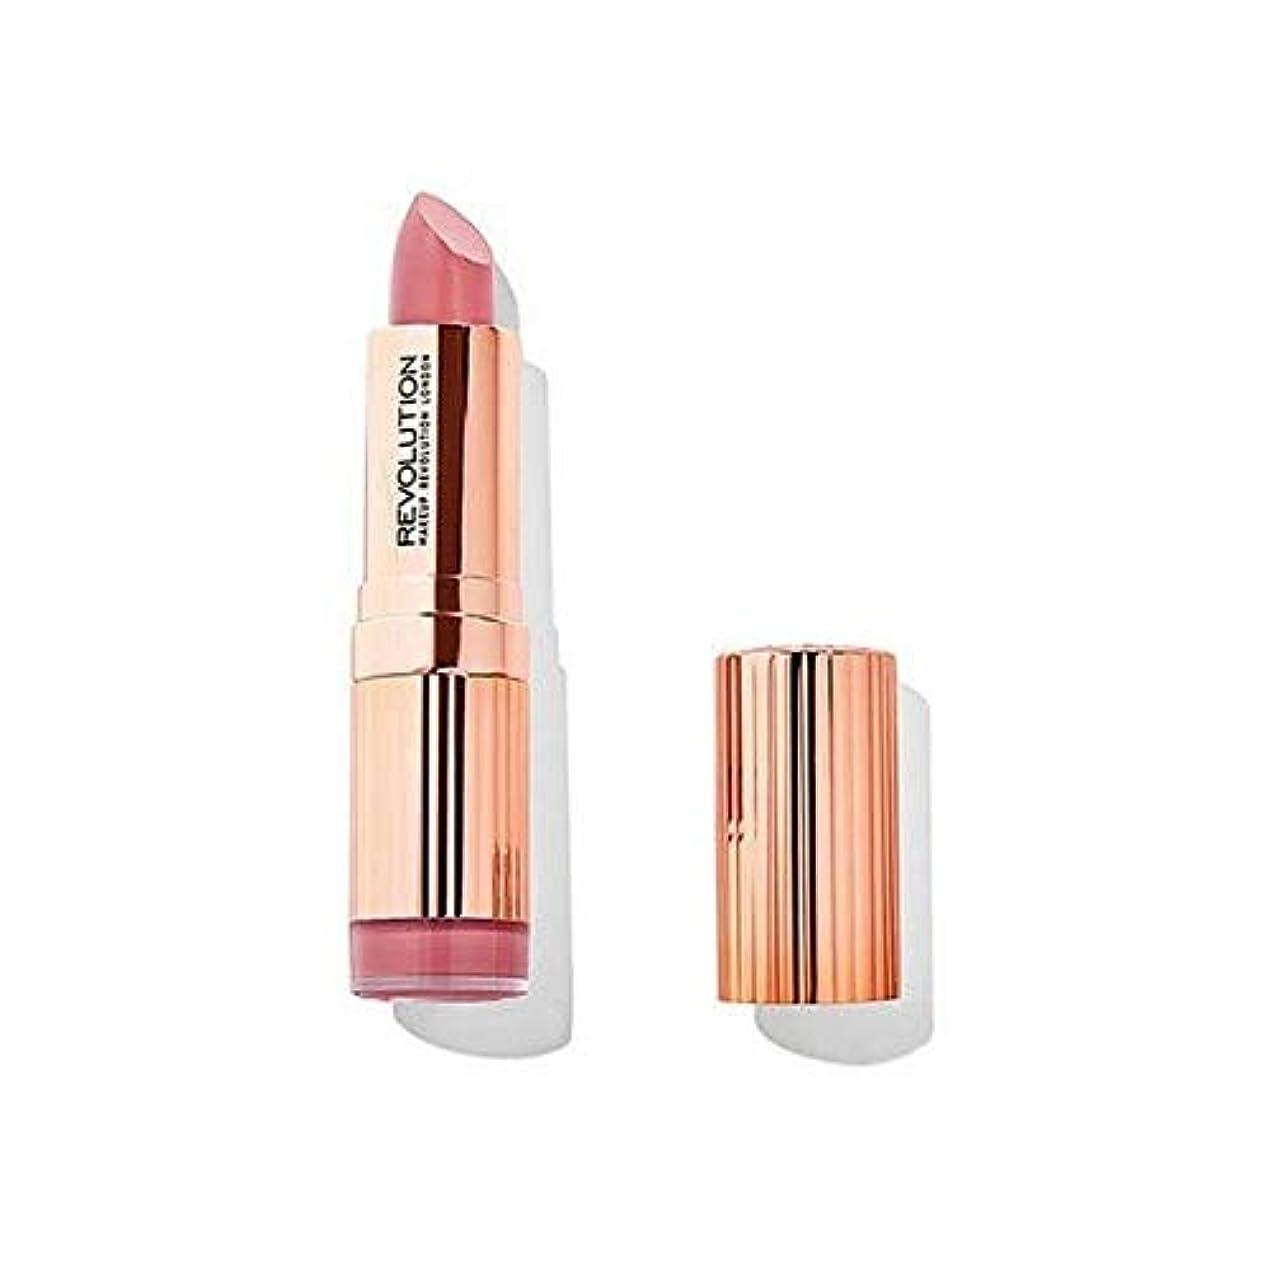 アームストロング幅取り替える[Revolution ] ブレンド革命のルネサンス口紅 - Revolution Renaissance Lipstick Blended [並行輸入品]